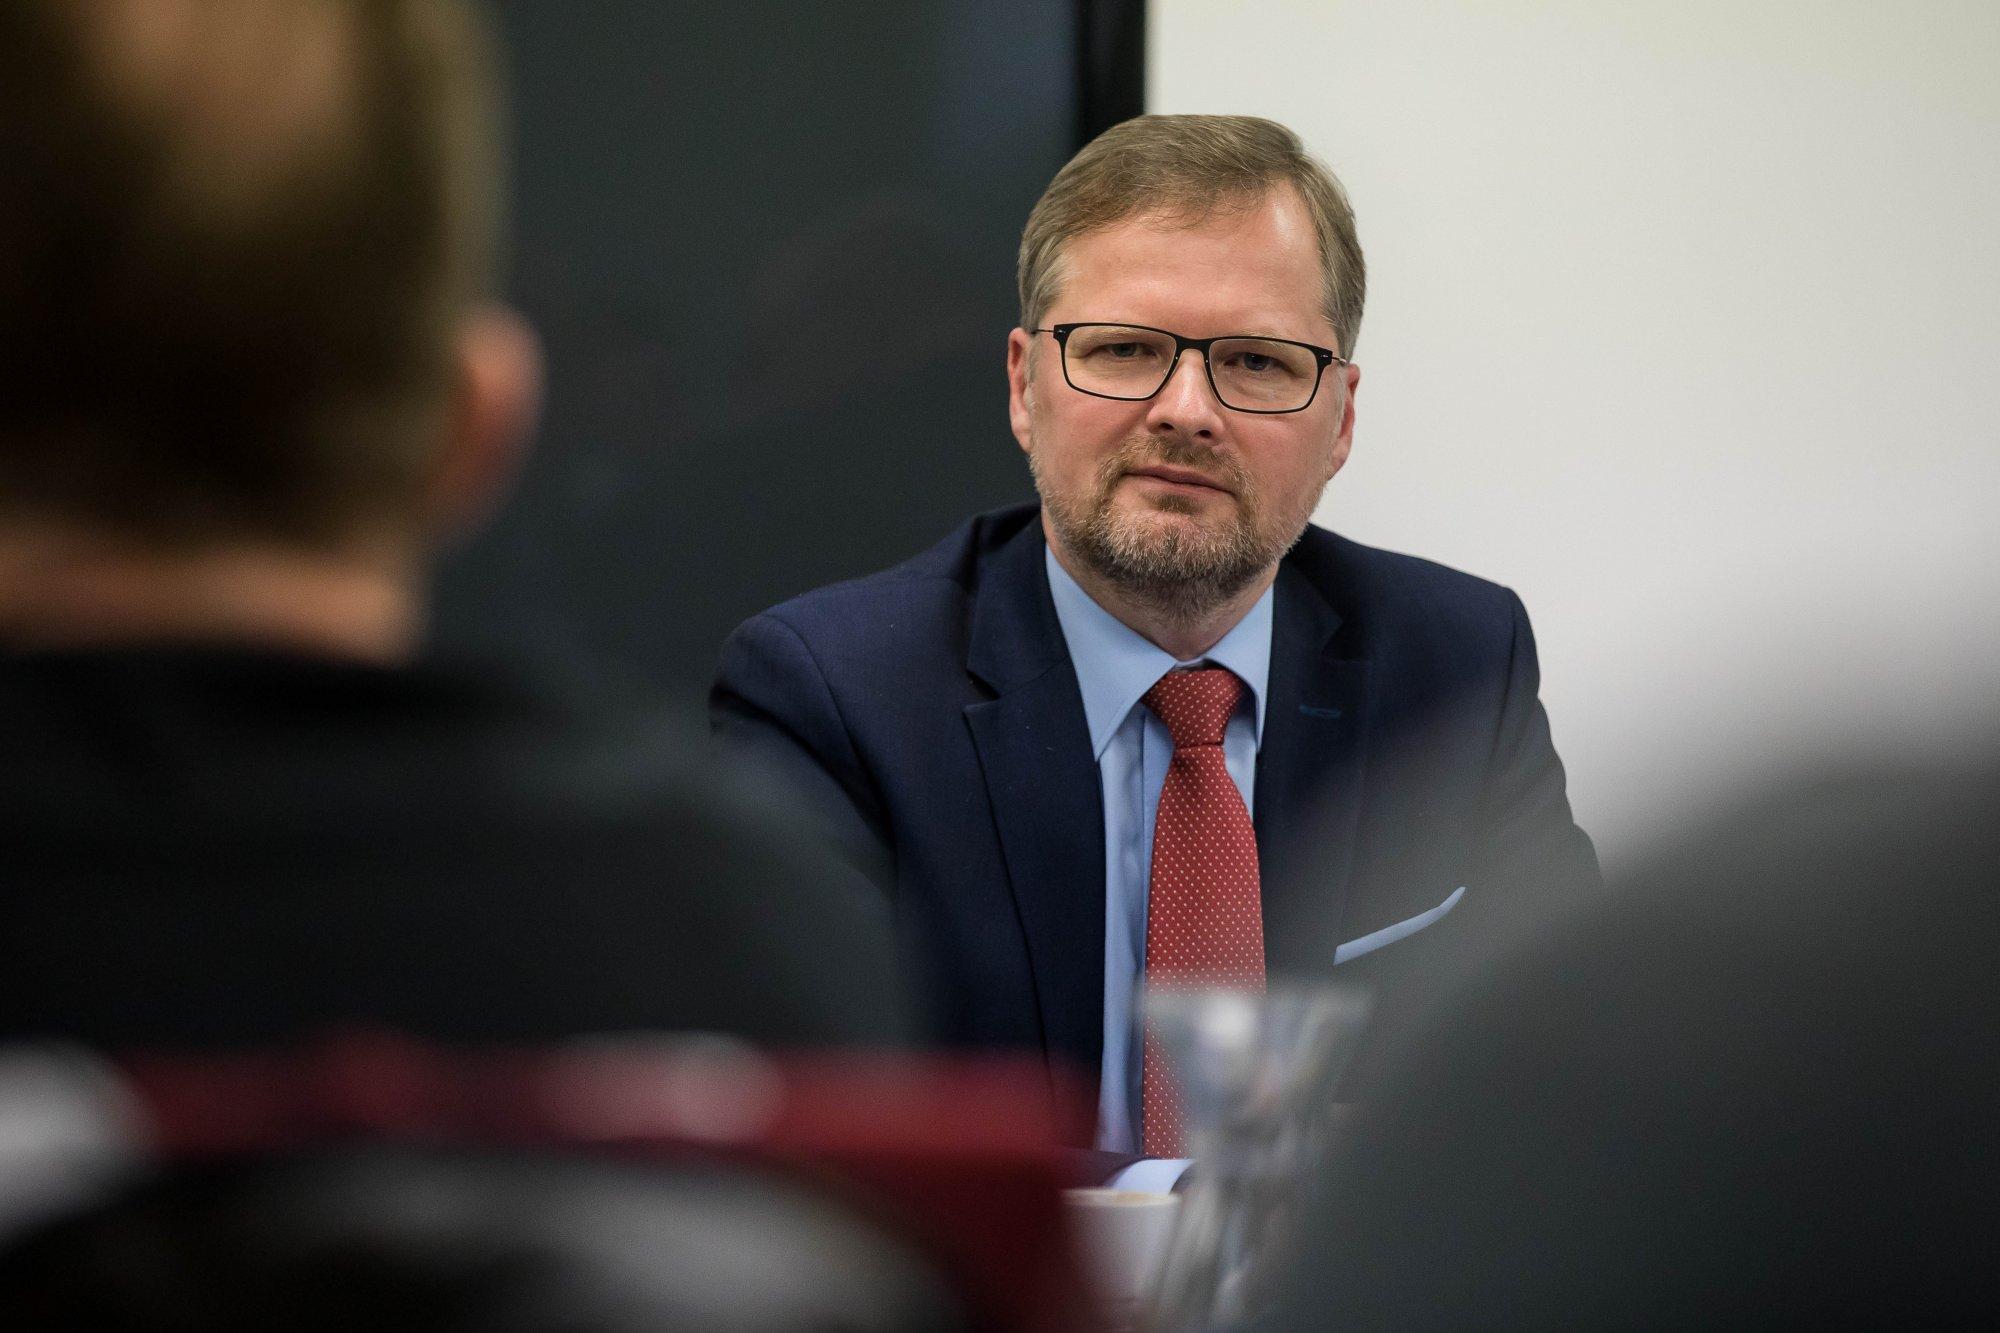 Petr Fiala: Stojíme za Milošem Vystrčilem. Nejsme v normální situaci. Cesta na Tchaj-wan je nutná